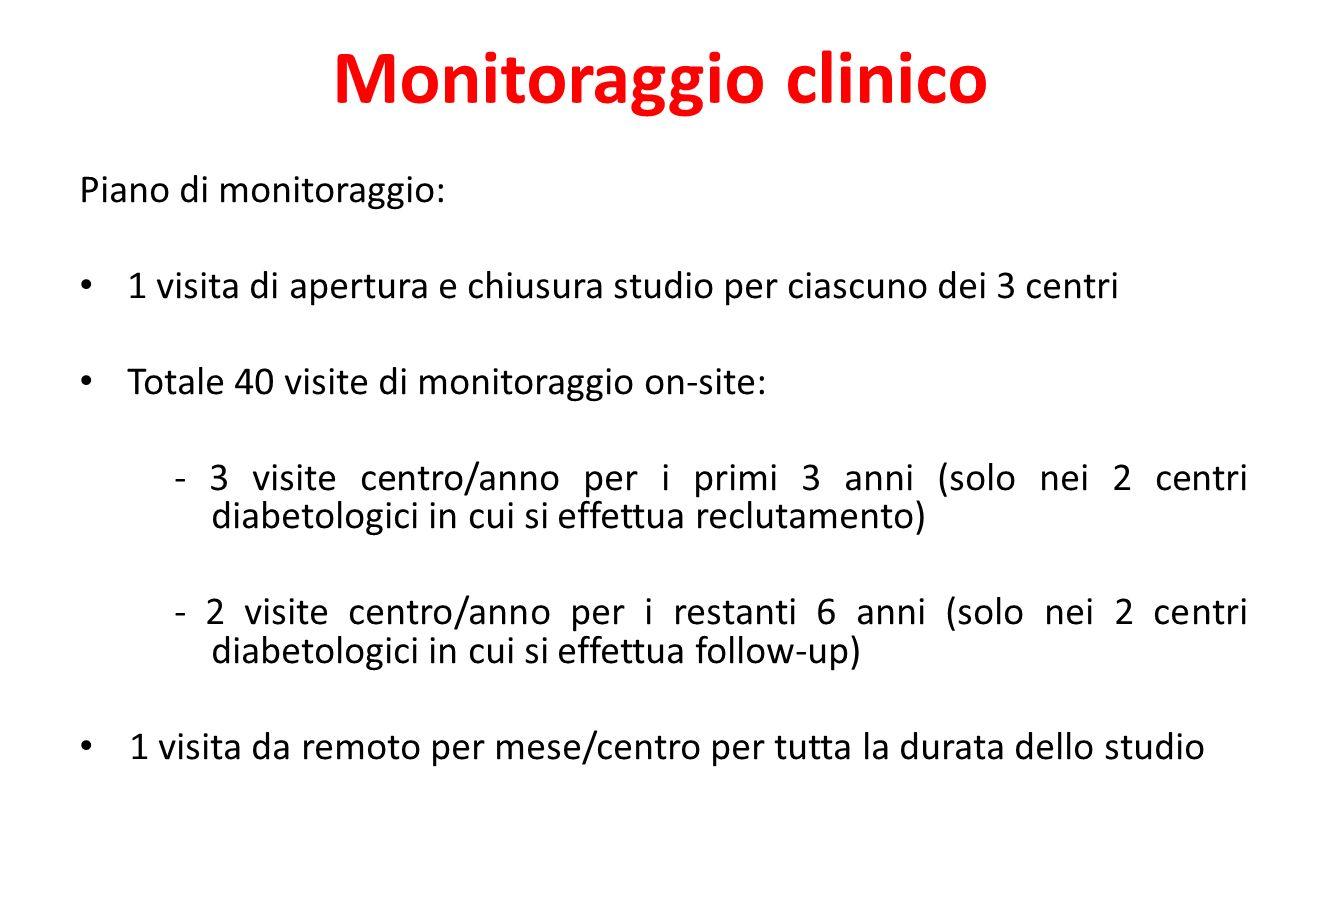 Monitoraggio clinico Piano di monitoraggio: 1 visita di apertura e chiusura studio per ciascuno dei 3 centri Totale 40 visite di monitoraggio on-site: